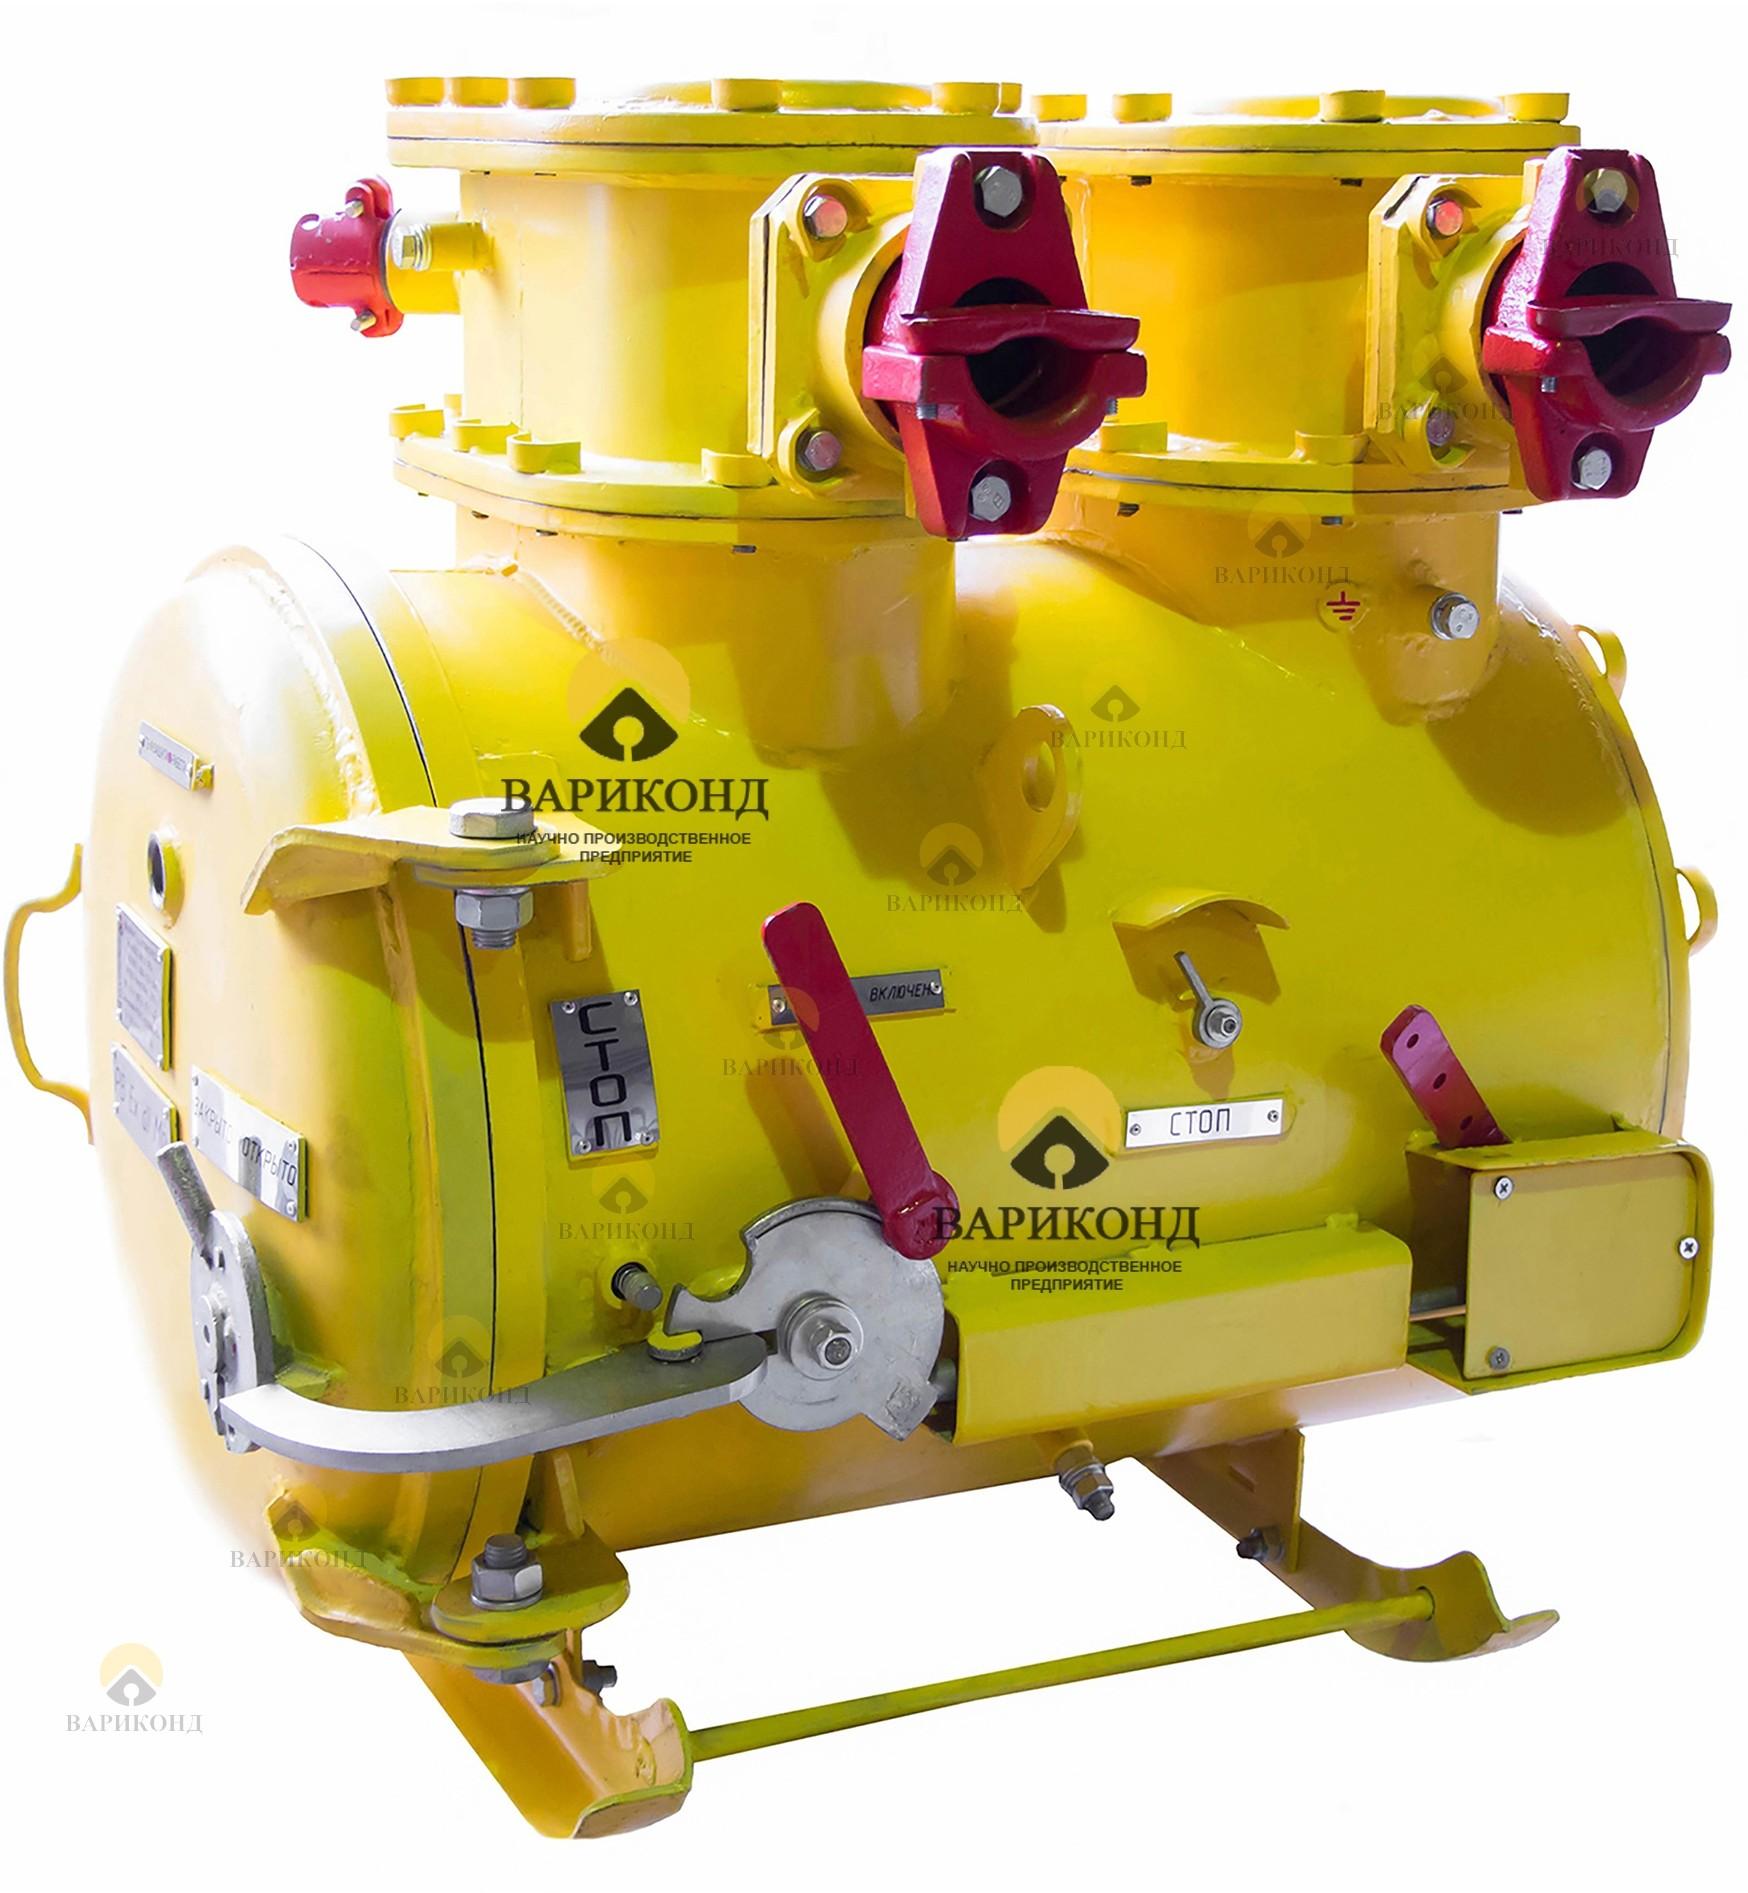 АВ-630Р (630-400-250 A)